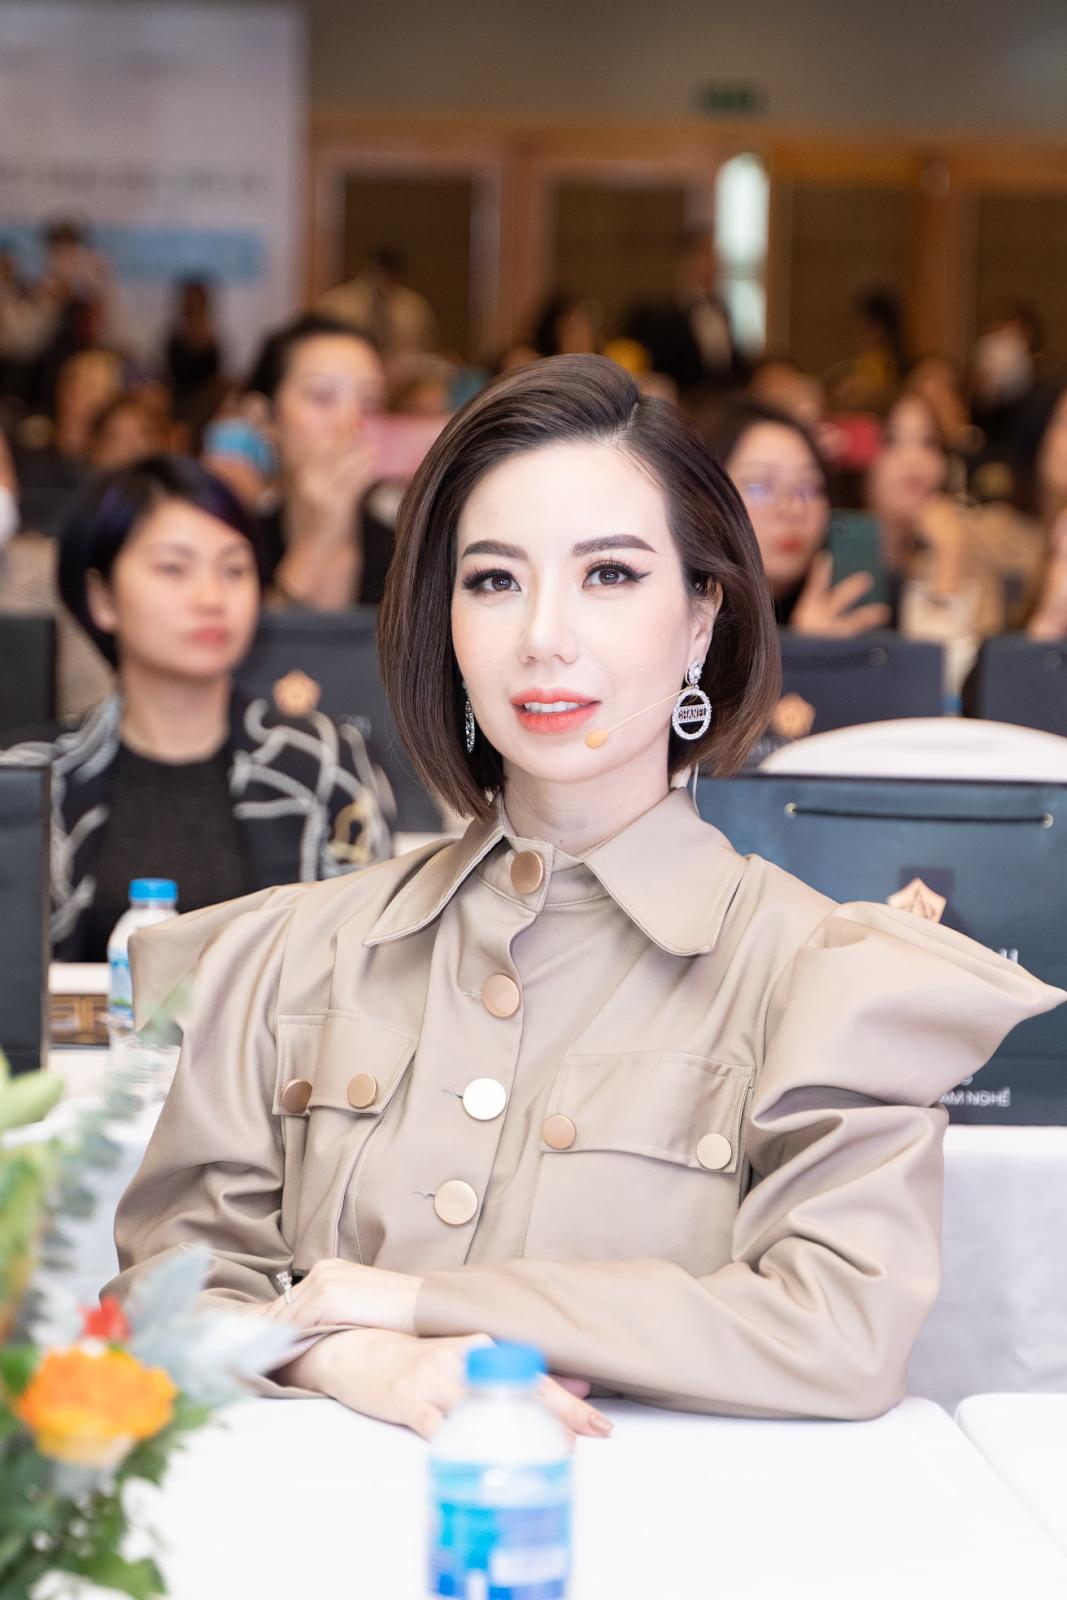 Bên cạnh việc kinh doanh, Phương Nhi còn làm diễn giả tại các cuộc thi về phun xăm thẩm mỹ.